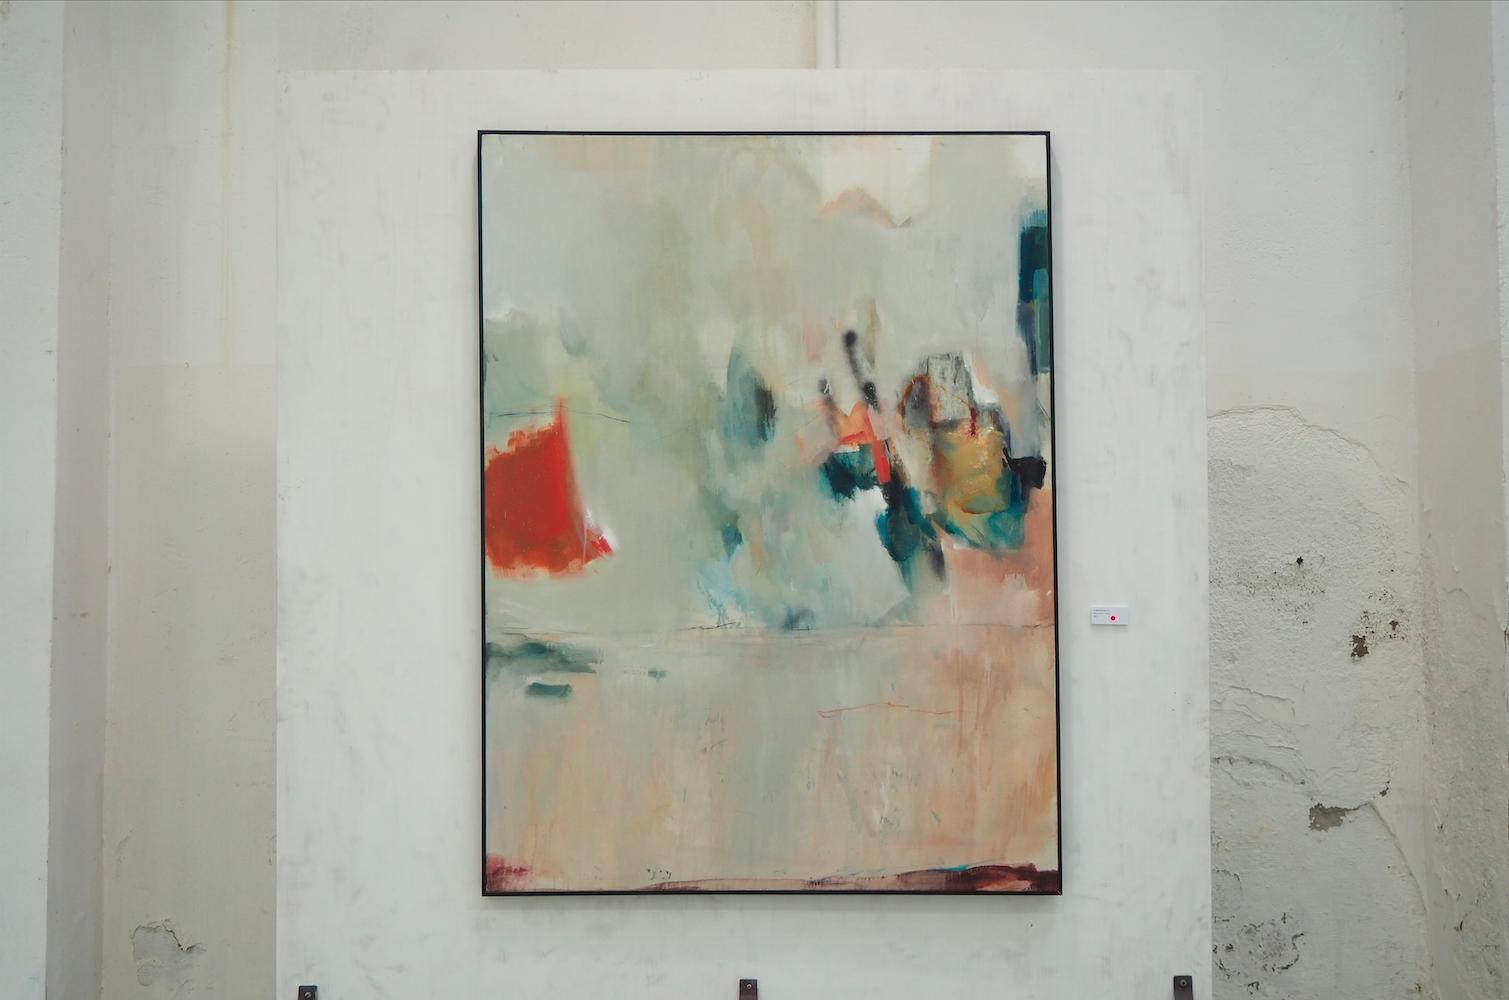 Carlos Herraiz, Abstraction, 2017